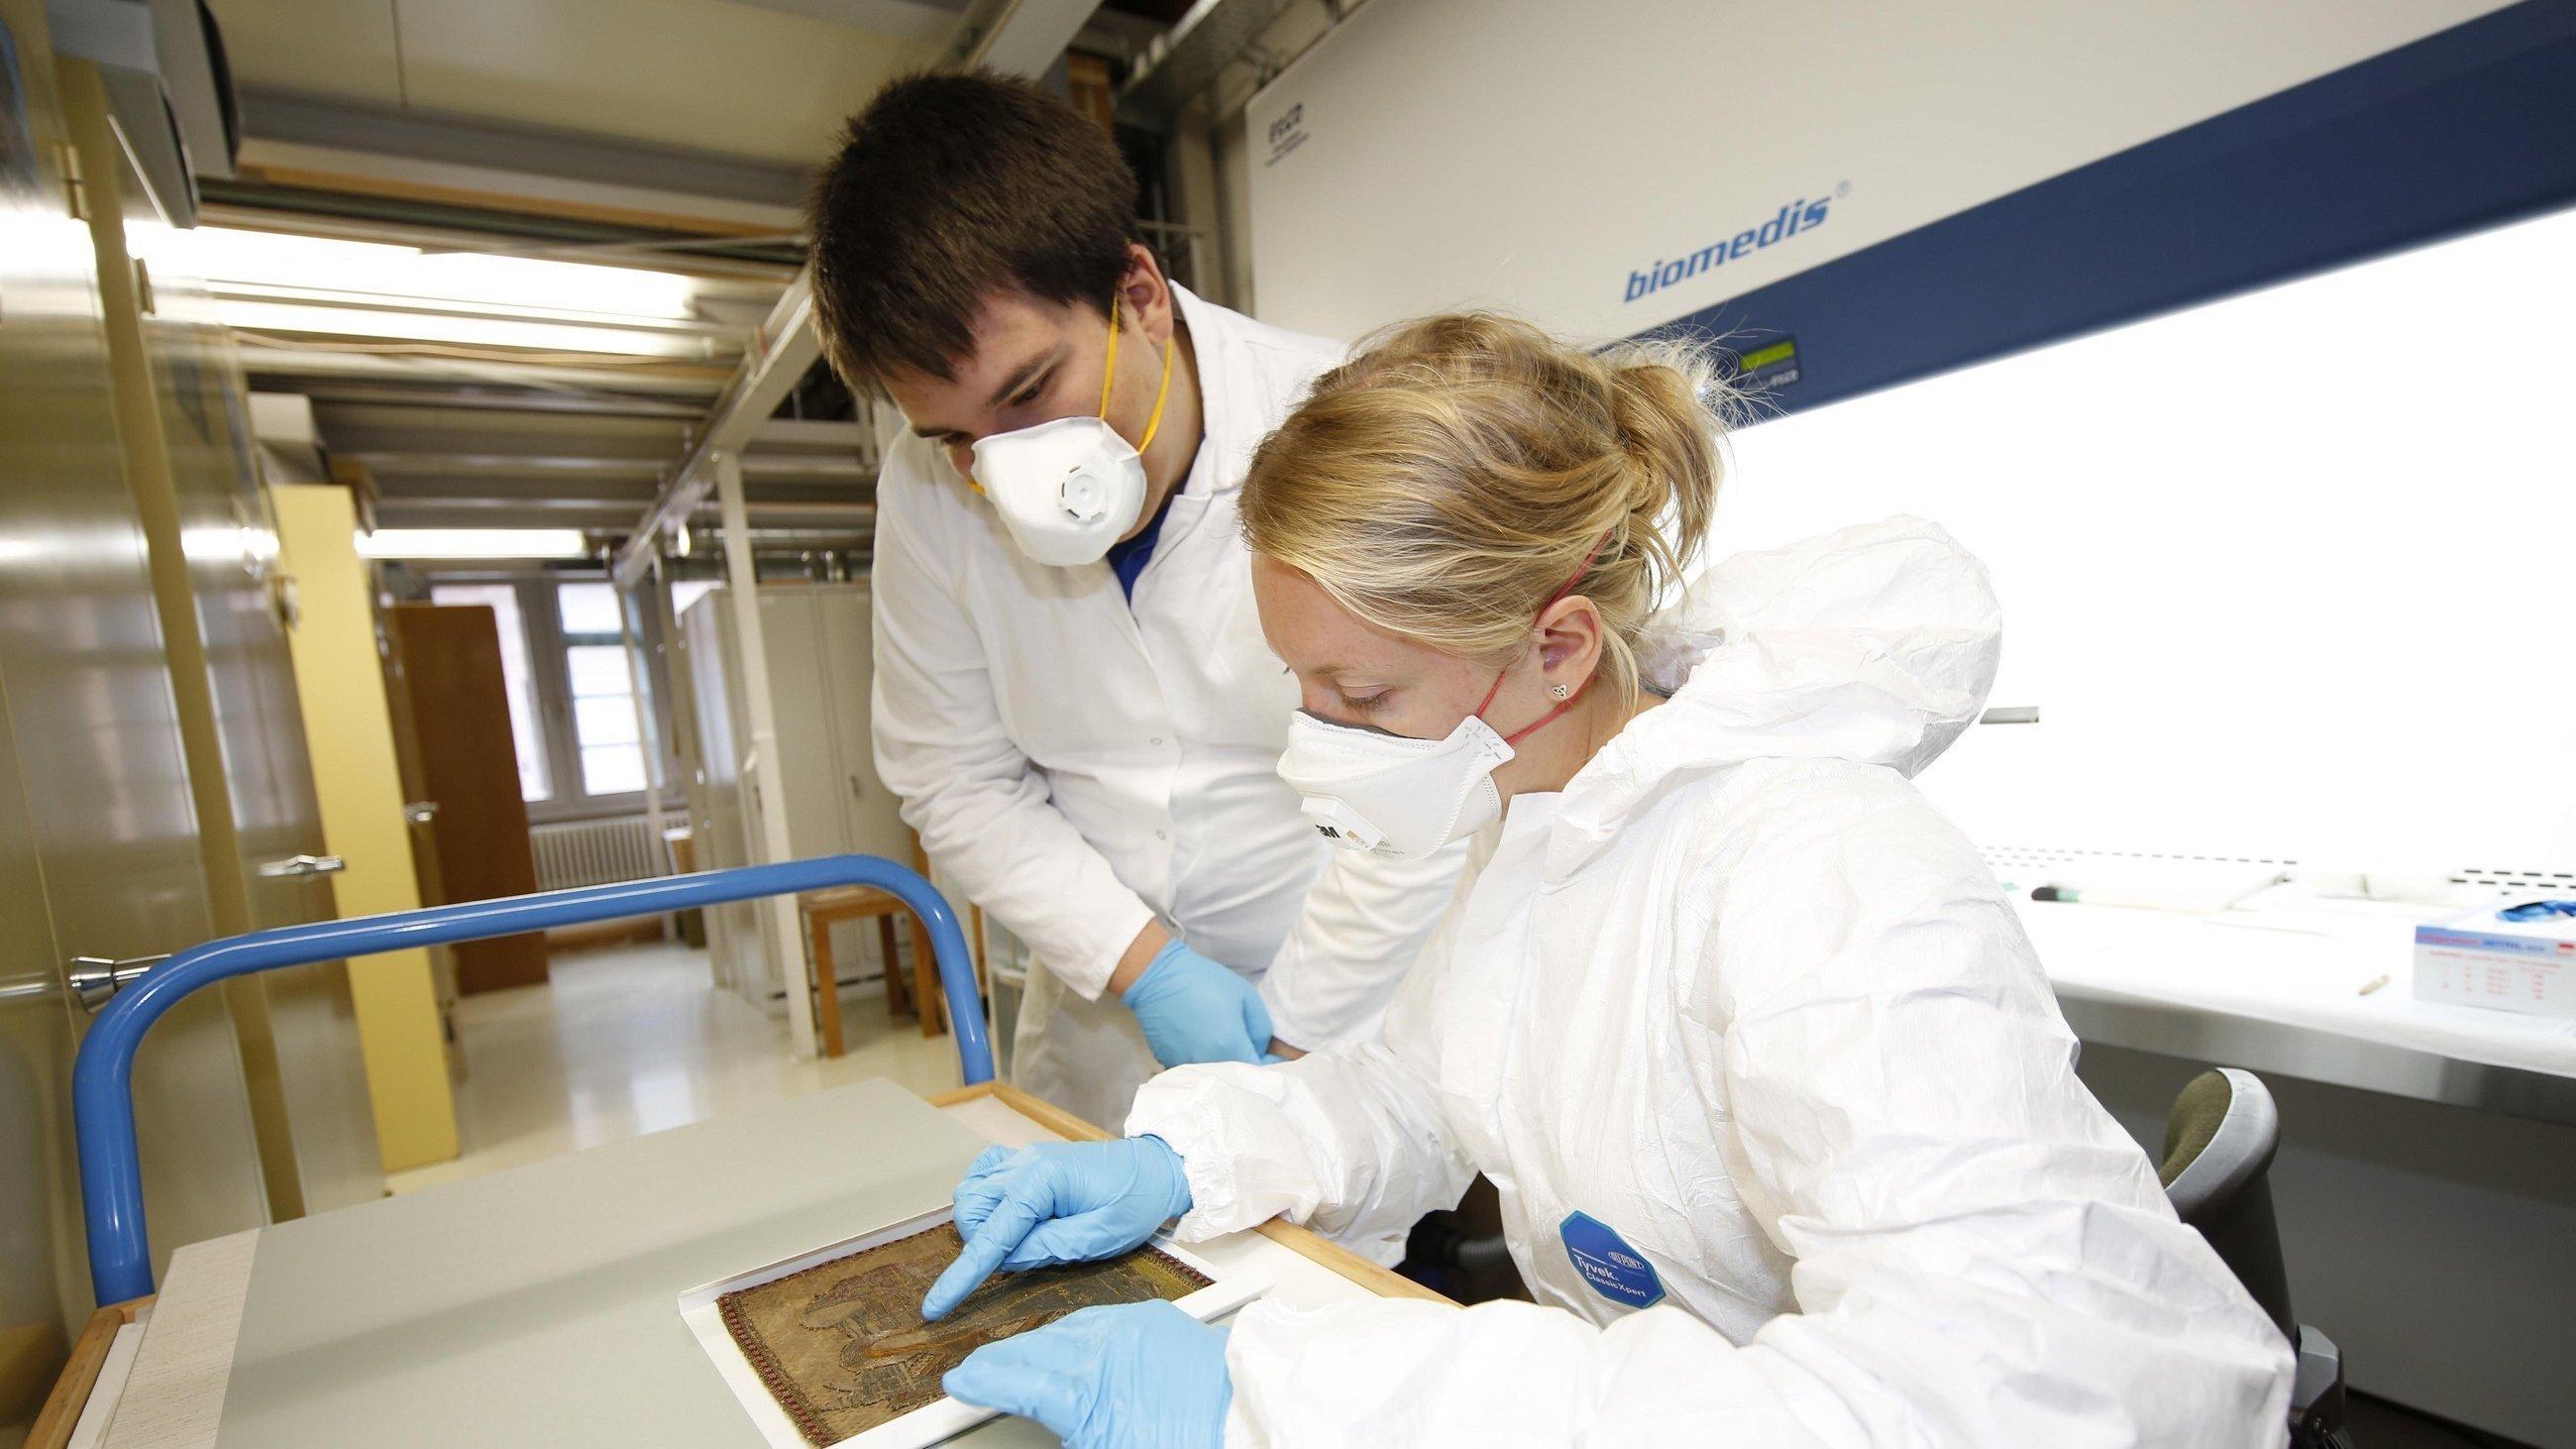 Ein Mann und eine Frau in weißer Schutzkleidung mit Atemmaske beugen sich über ein historisches Bild.